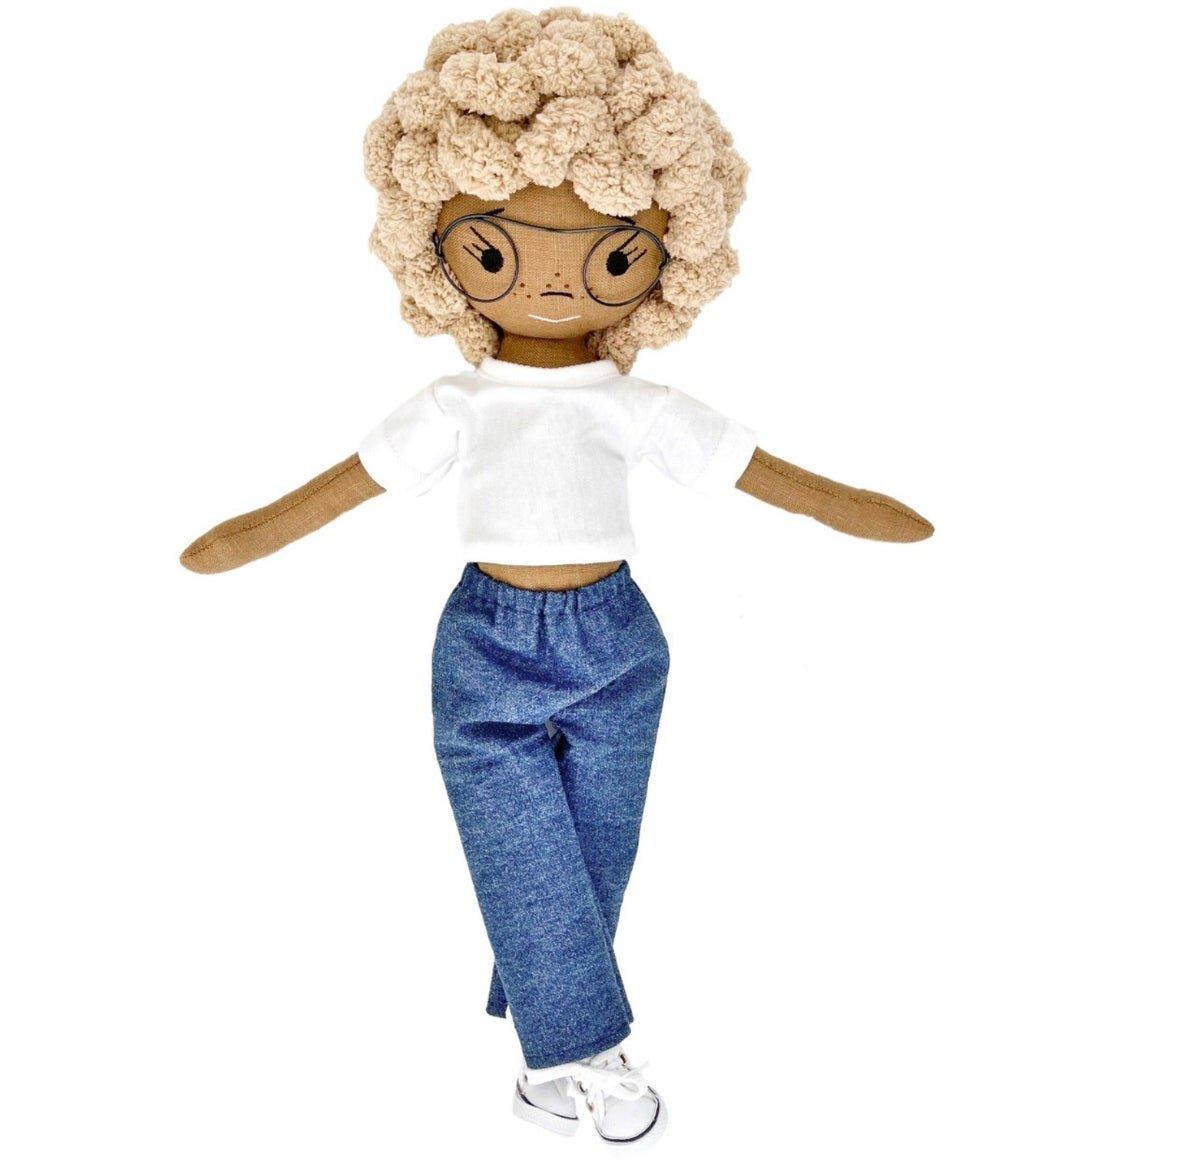 Summer Handmade Linen Doll (Waitlist Preorder Item - ship date Oct 1-Mar 30,2022)